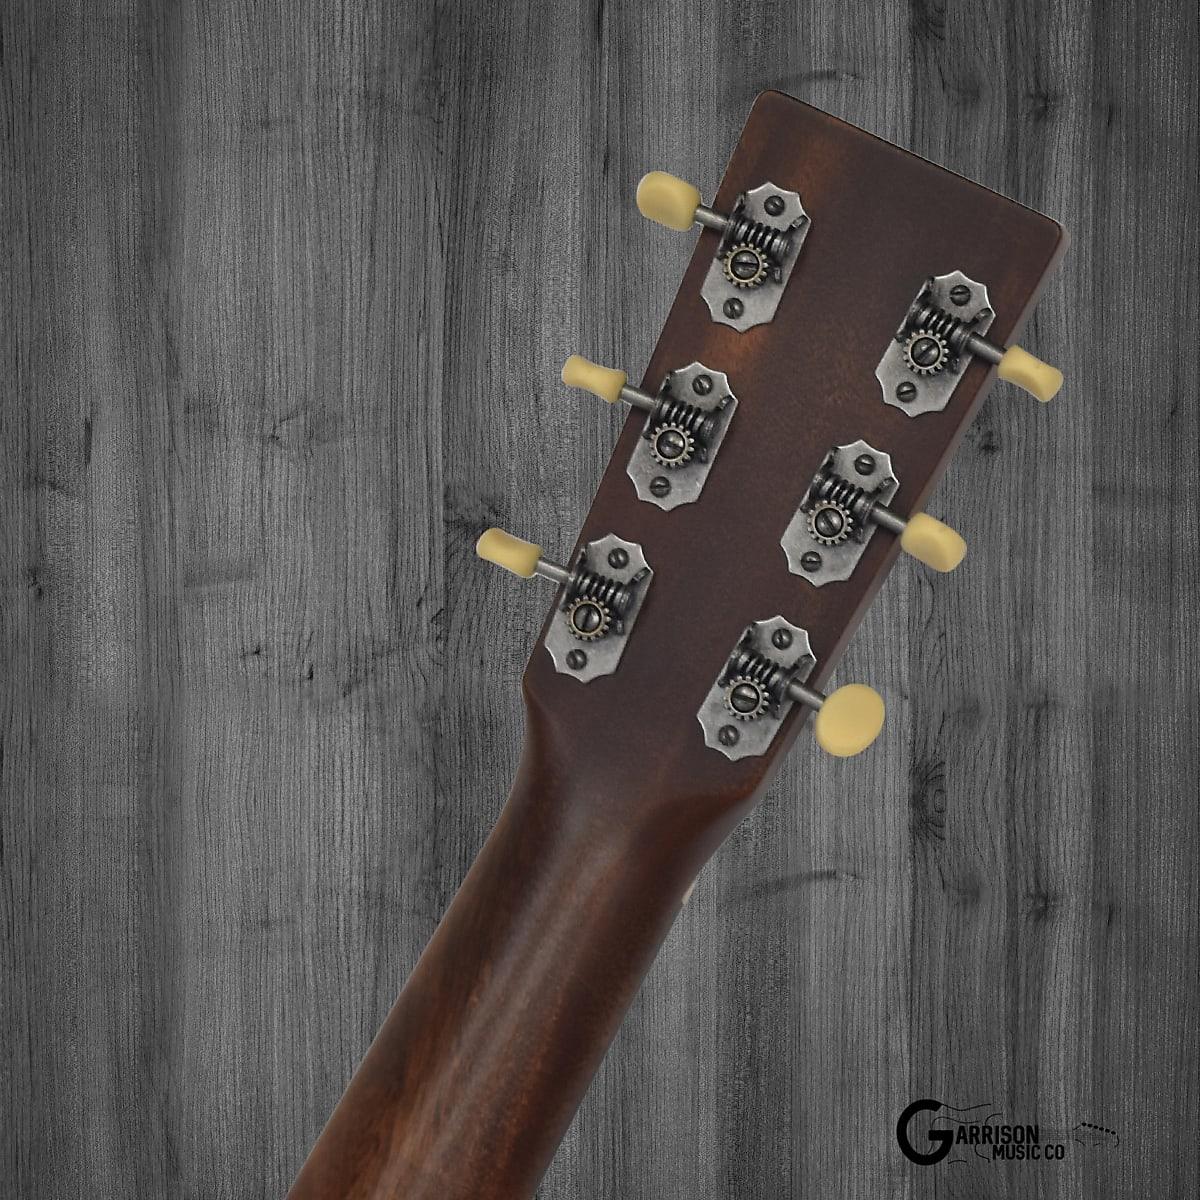 Martin CEO-7 Acoustic Guitar - Teardrop Sunburst